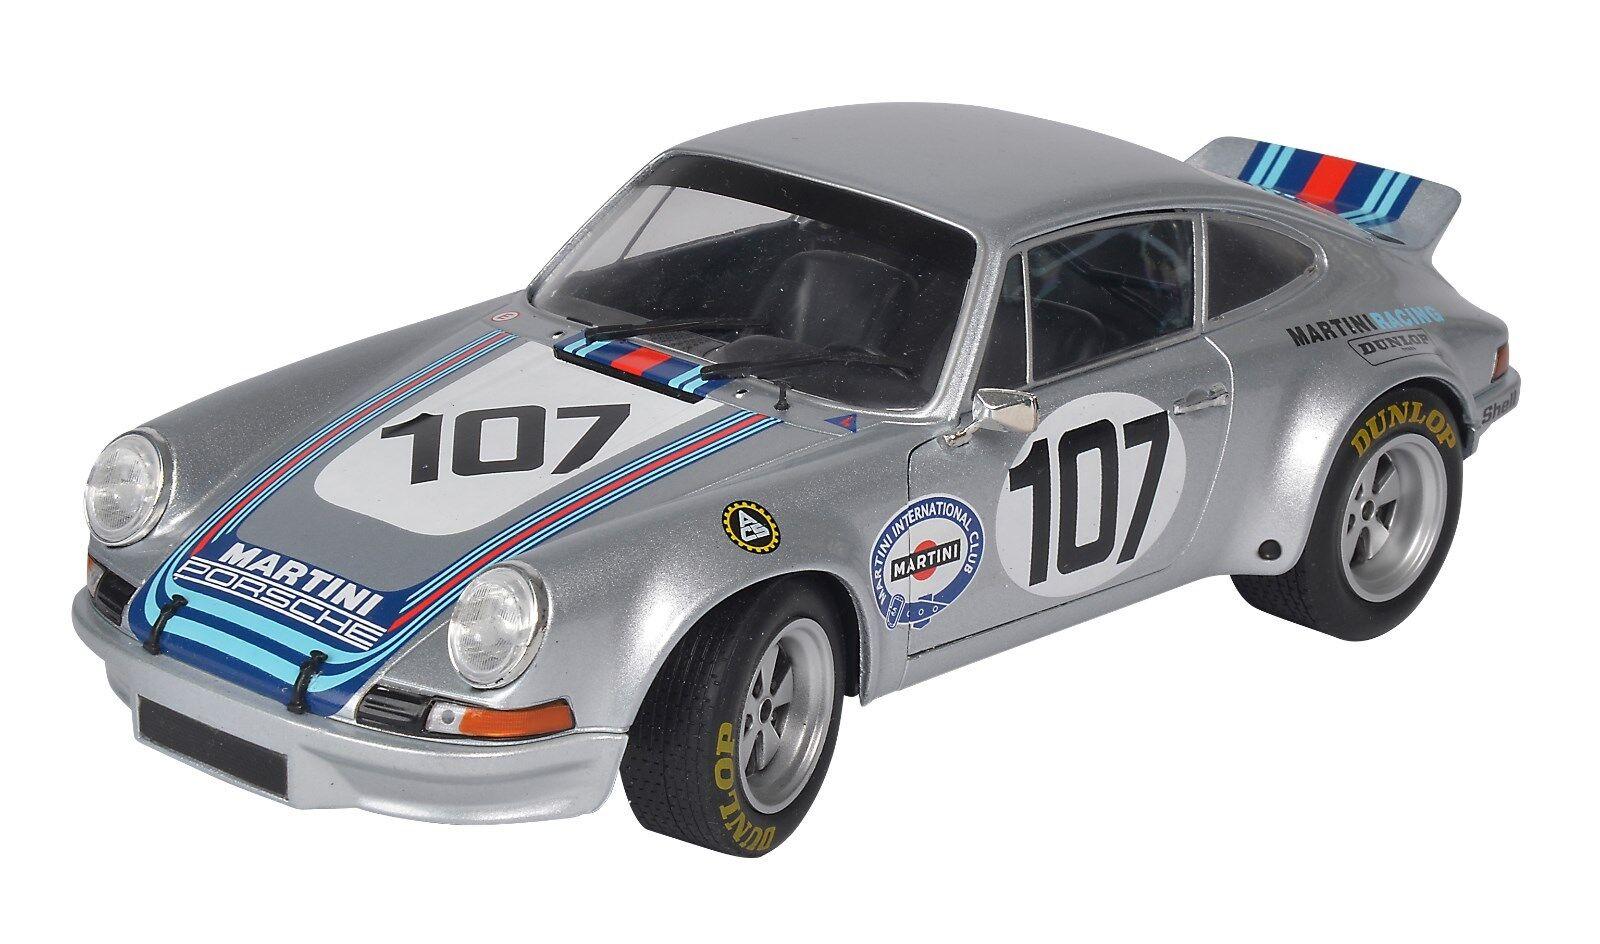 Porsche Carrera RSR 2.8   107 4211846 40 1 18 Solido